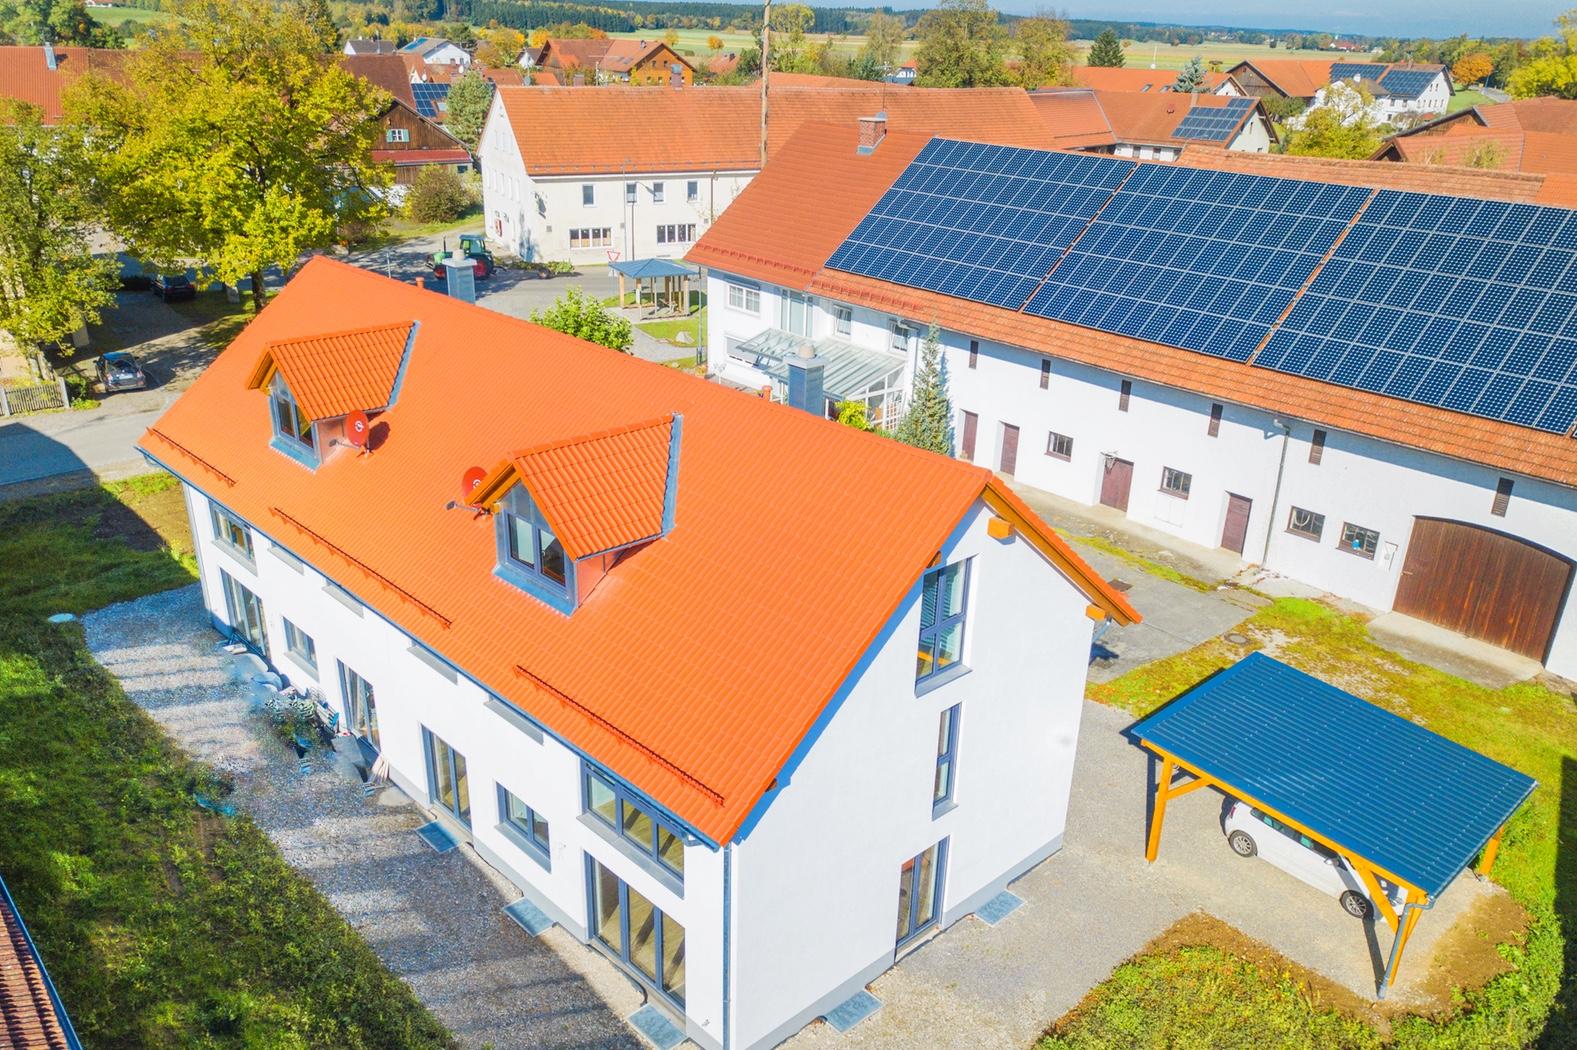 Immobilienmakler Bad Wörishofen regimmo bau gmbh yourlife immobilienmakler bad wörishofen